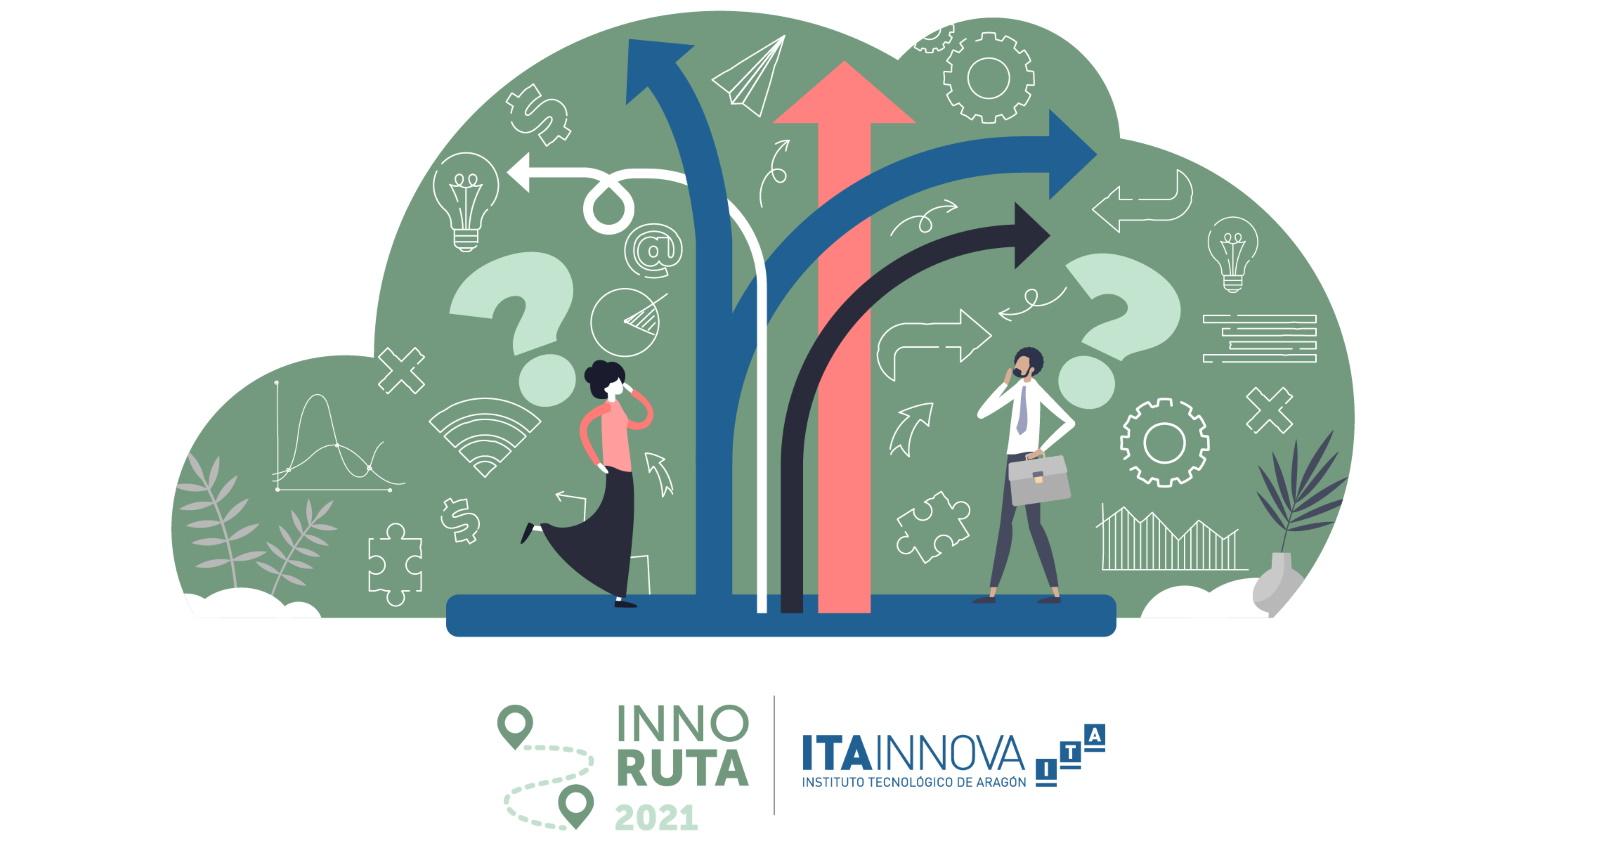 ITAINNOVA lanza INNORUTA, para acompañar a las pymes aragonesas en materia de digitalización y sostenibilidad